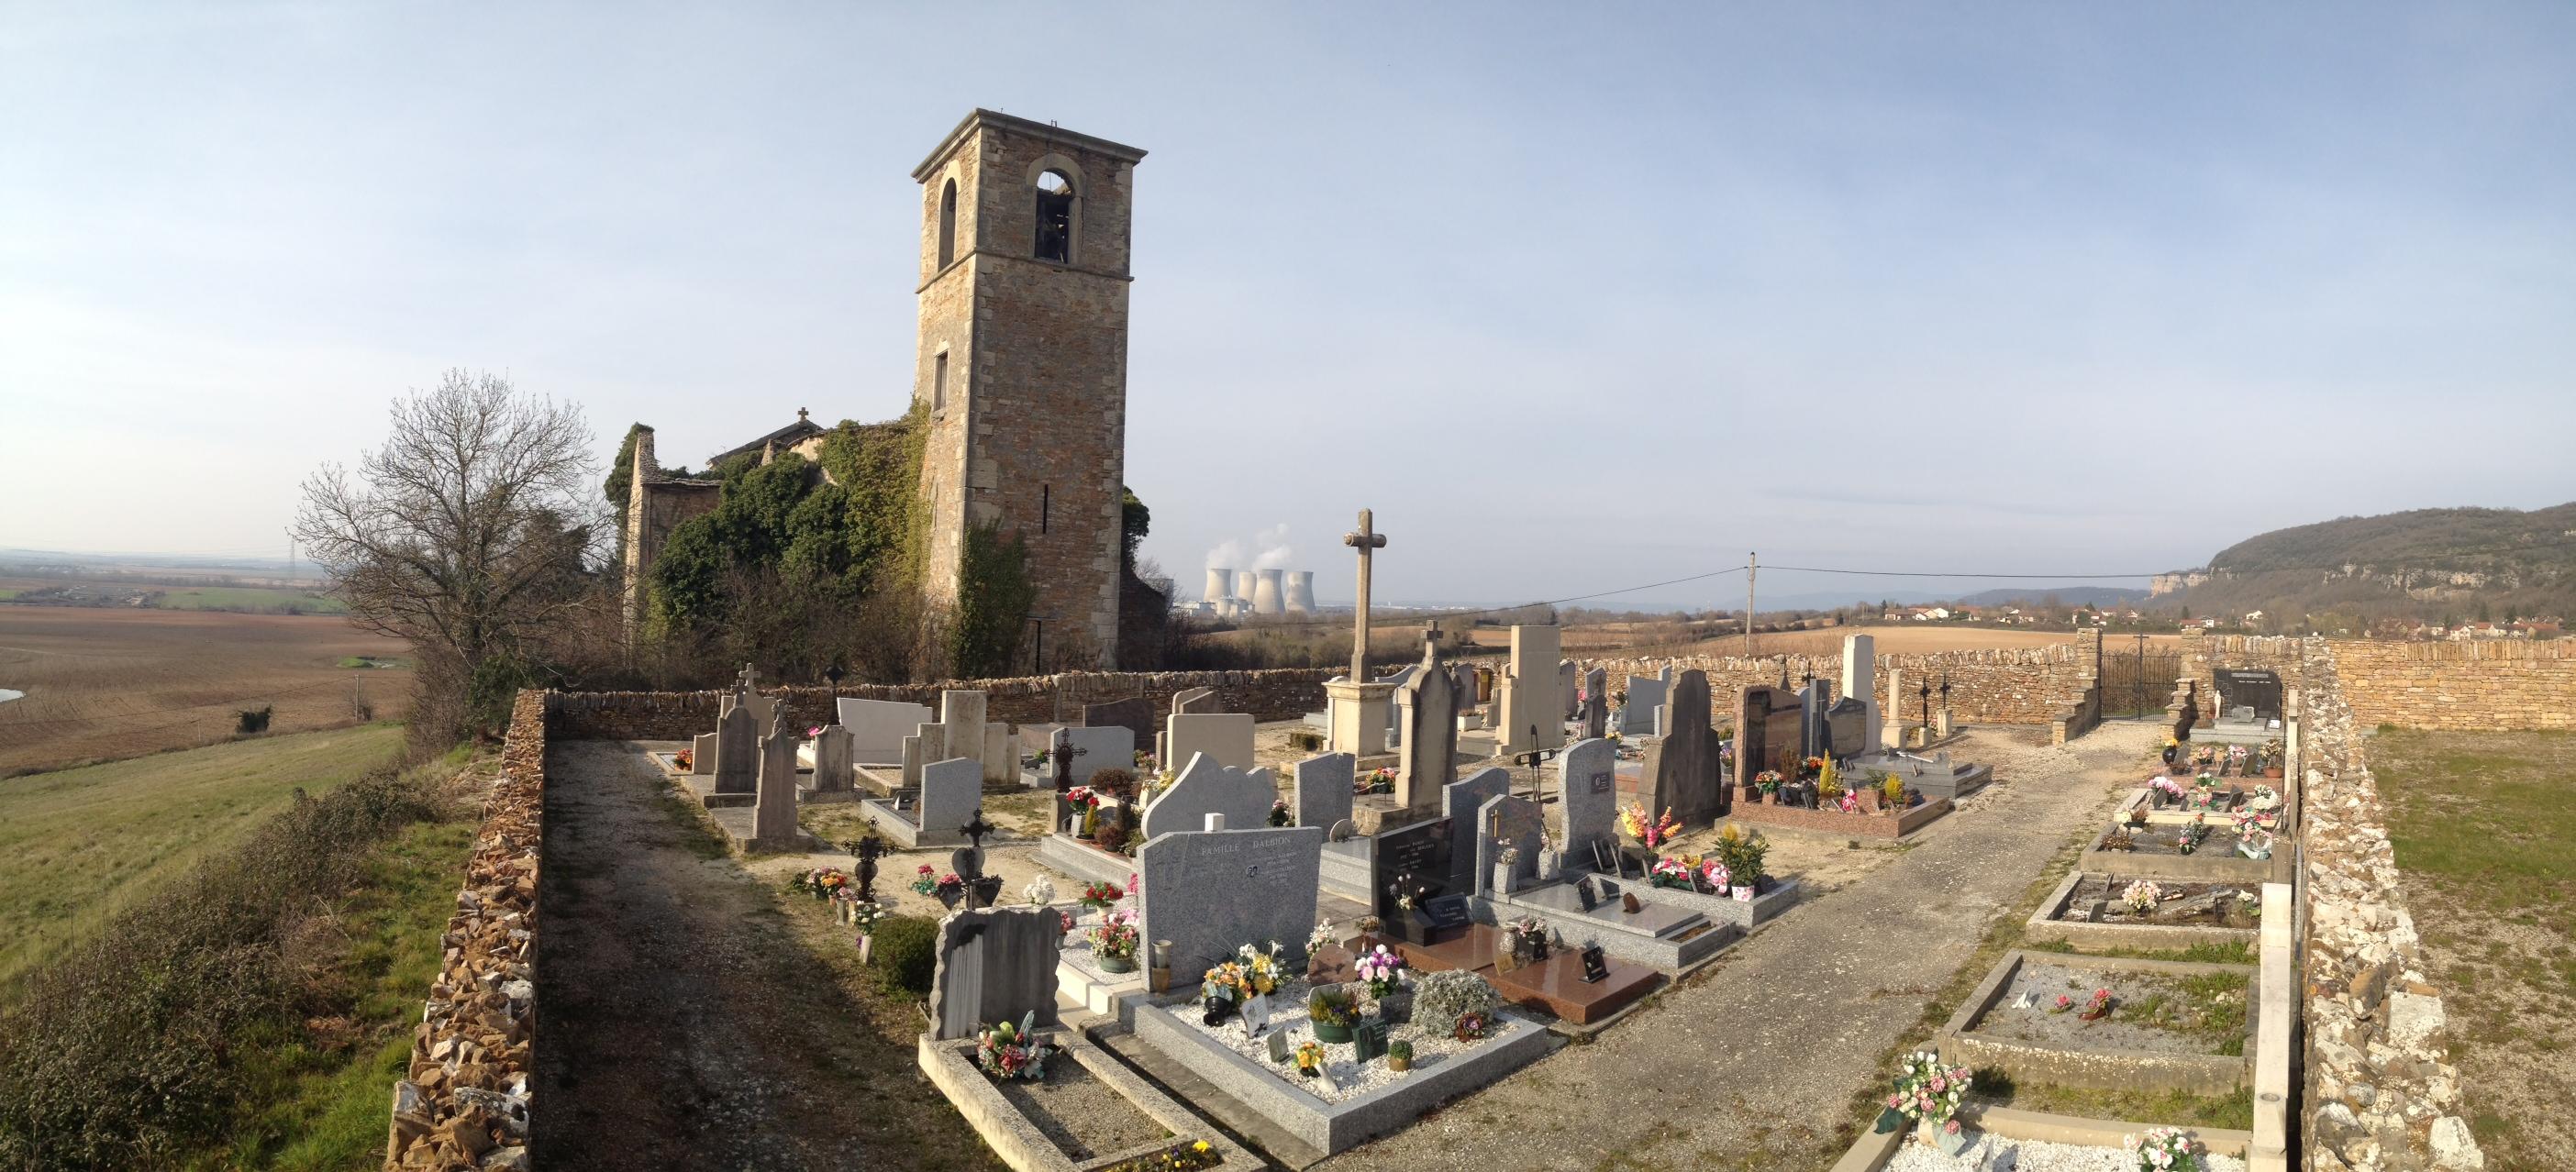 Eine Kirchenruine mit Friedhof vor Atomkraftwerk. Unheimlicher Ort.